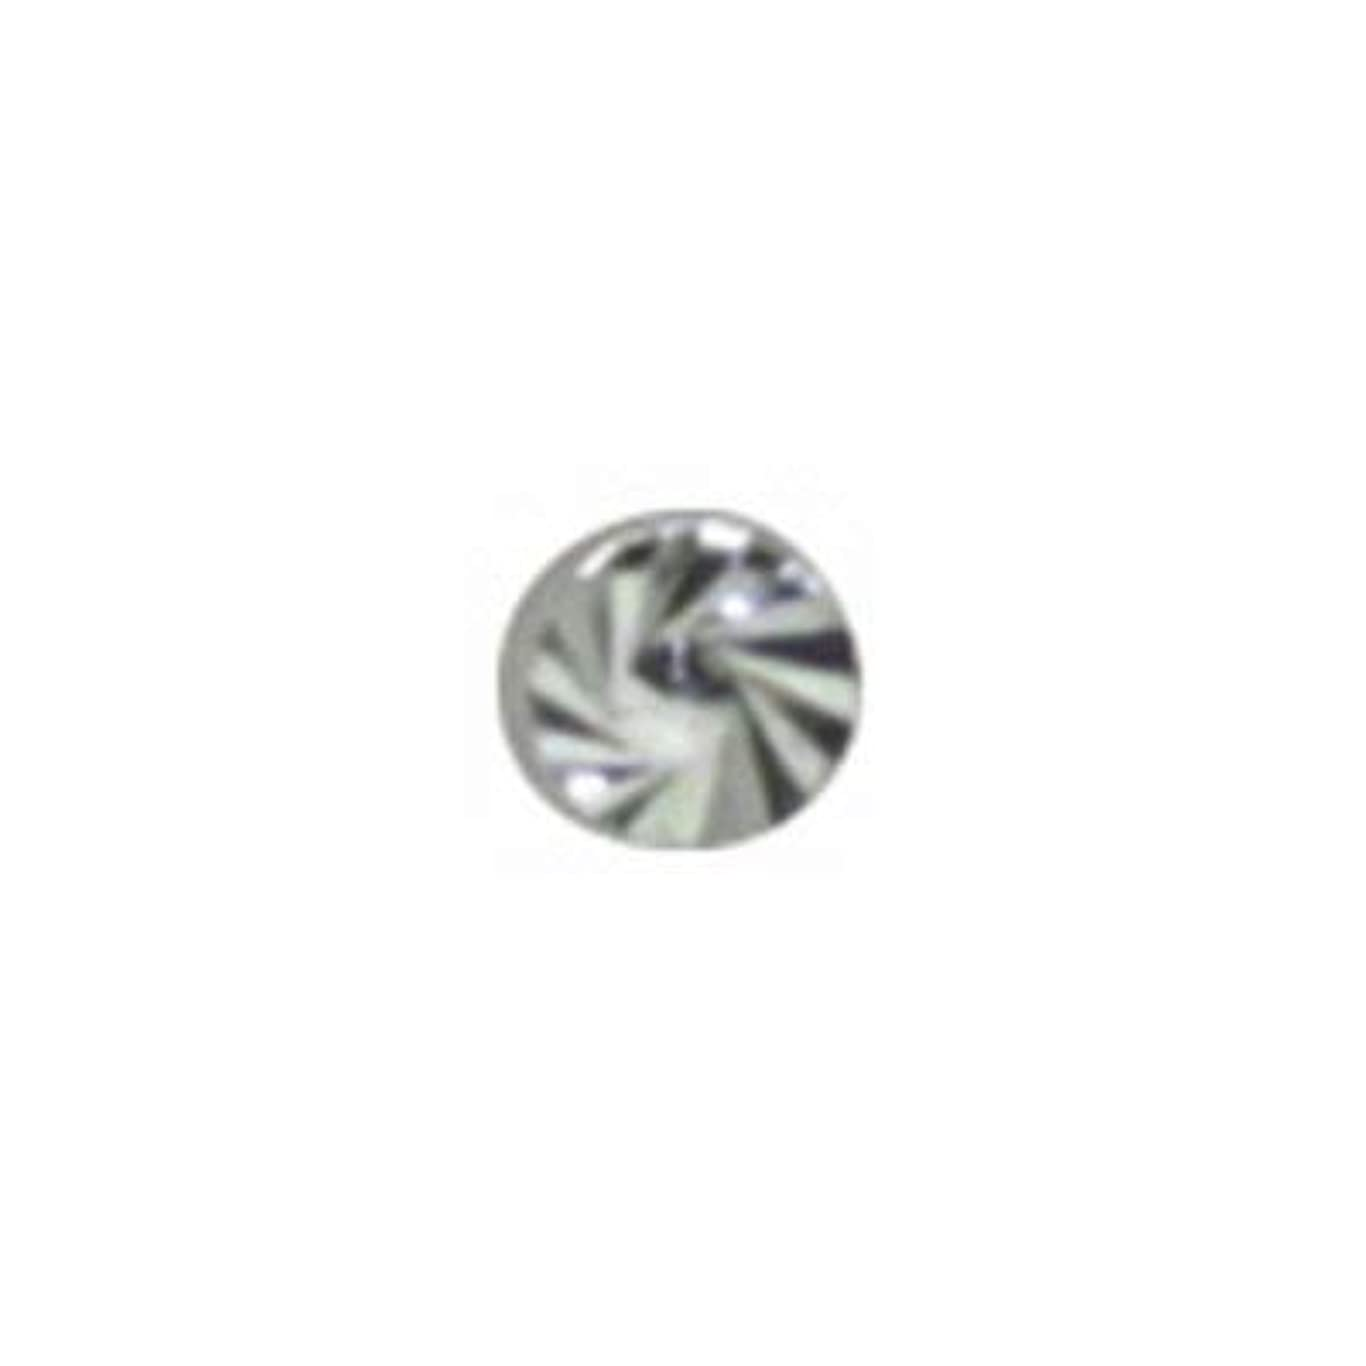 最小化する貫入摂氏SHAREYDVA ネイルパーツ サンシャインスタッズ シルバー 1.8mm 20P